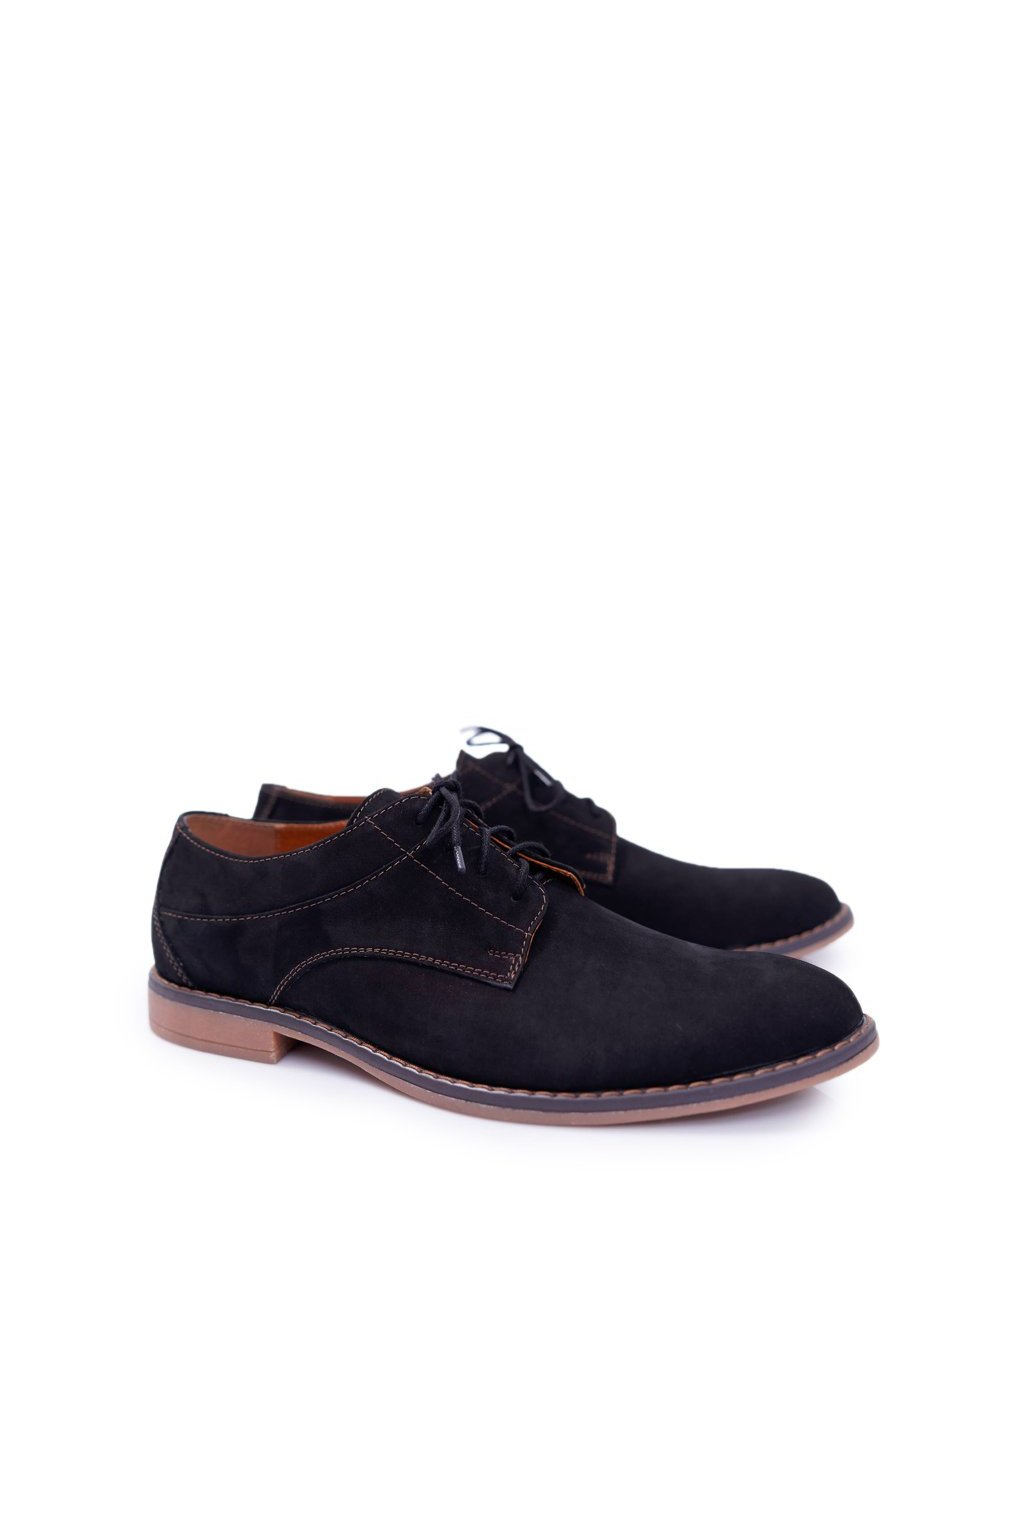 Pánske poltopánky farba čierna kód obuvi 654 NUBUCK BLK